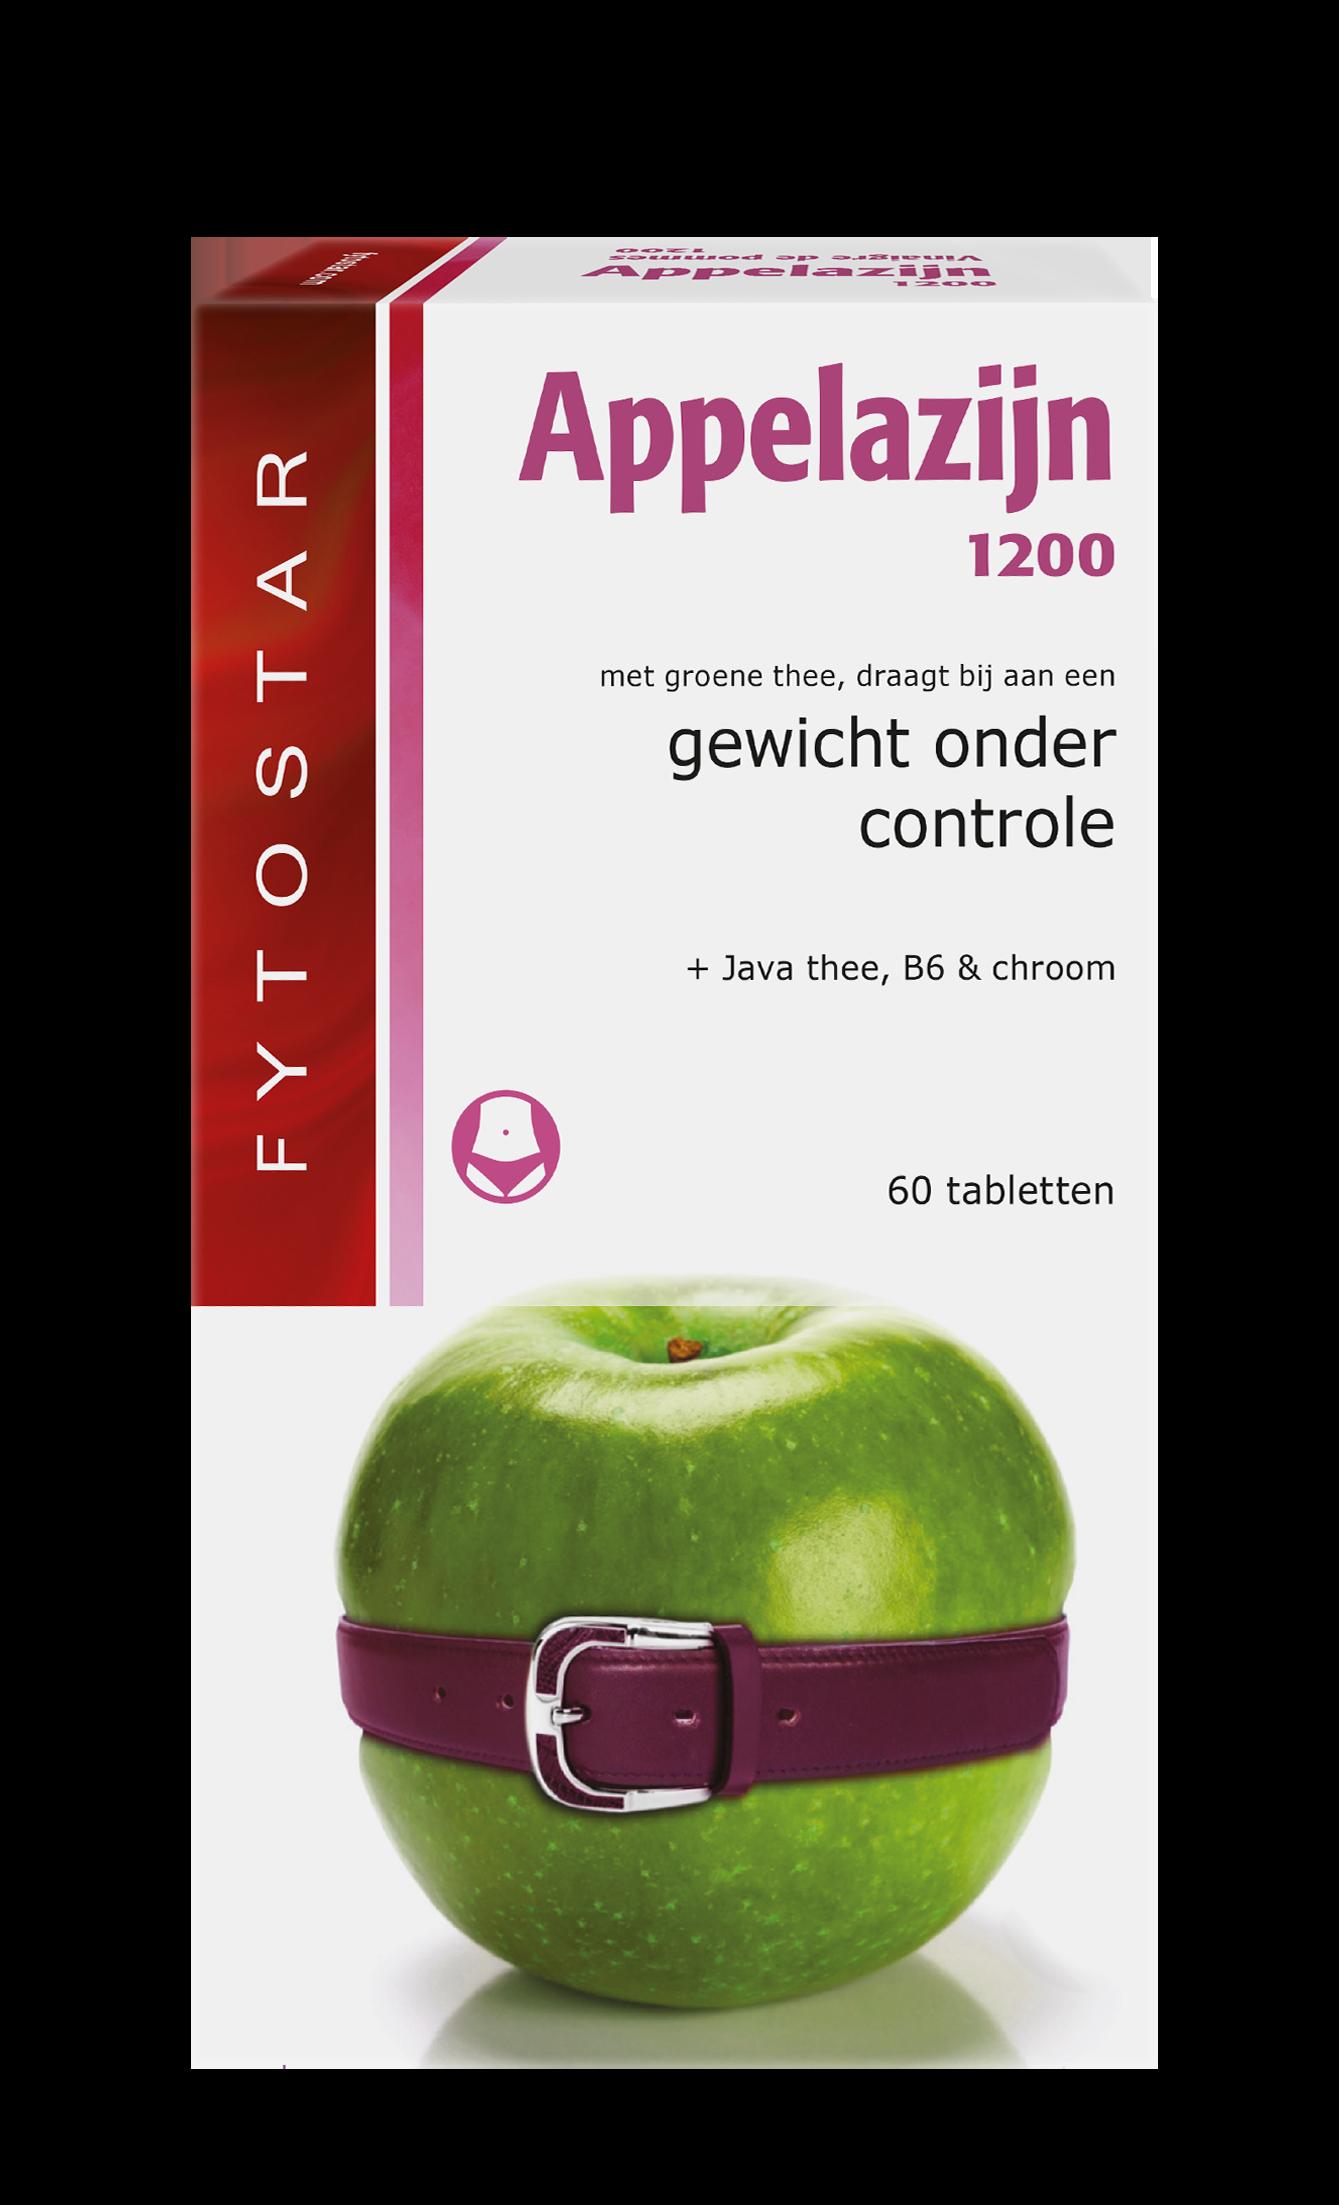 Fytostar Appelazijn Tabletten 60st kopen